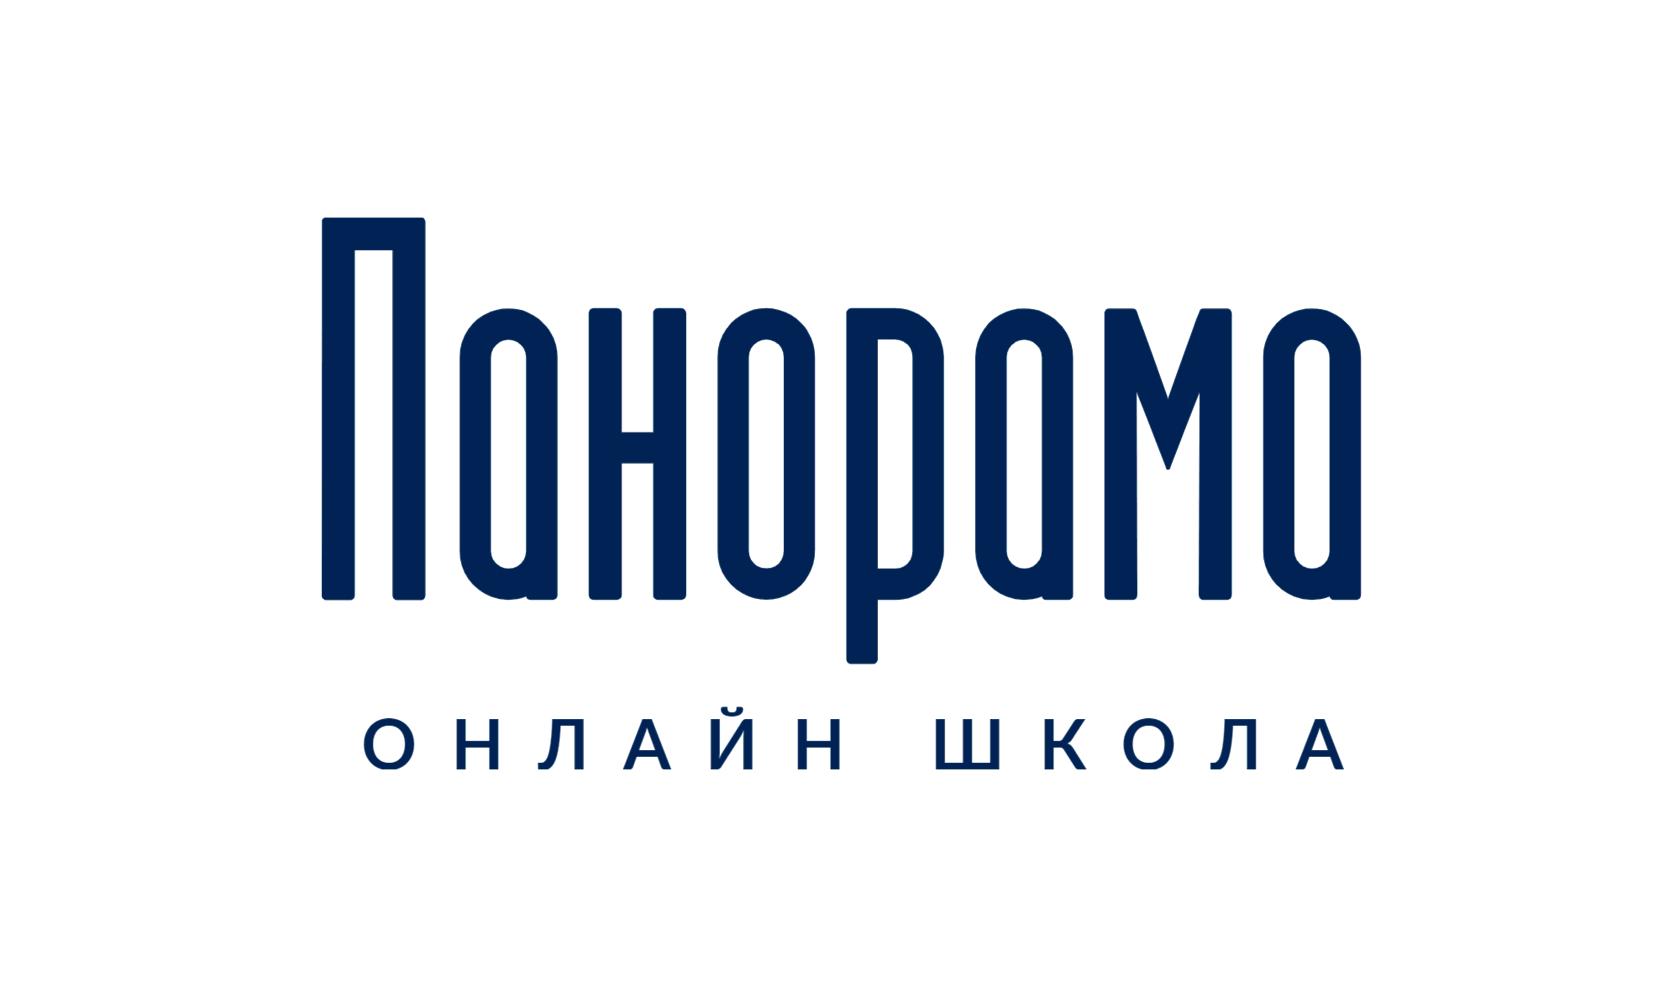 (c) Vseprofoto.ru